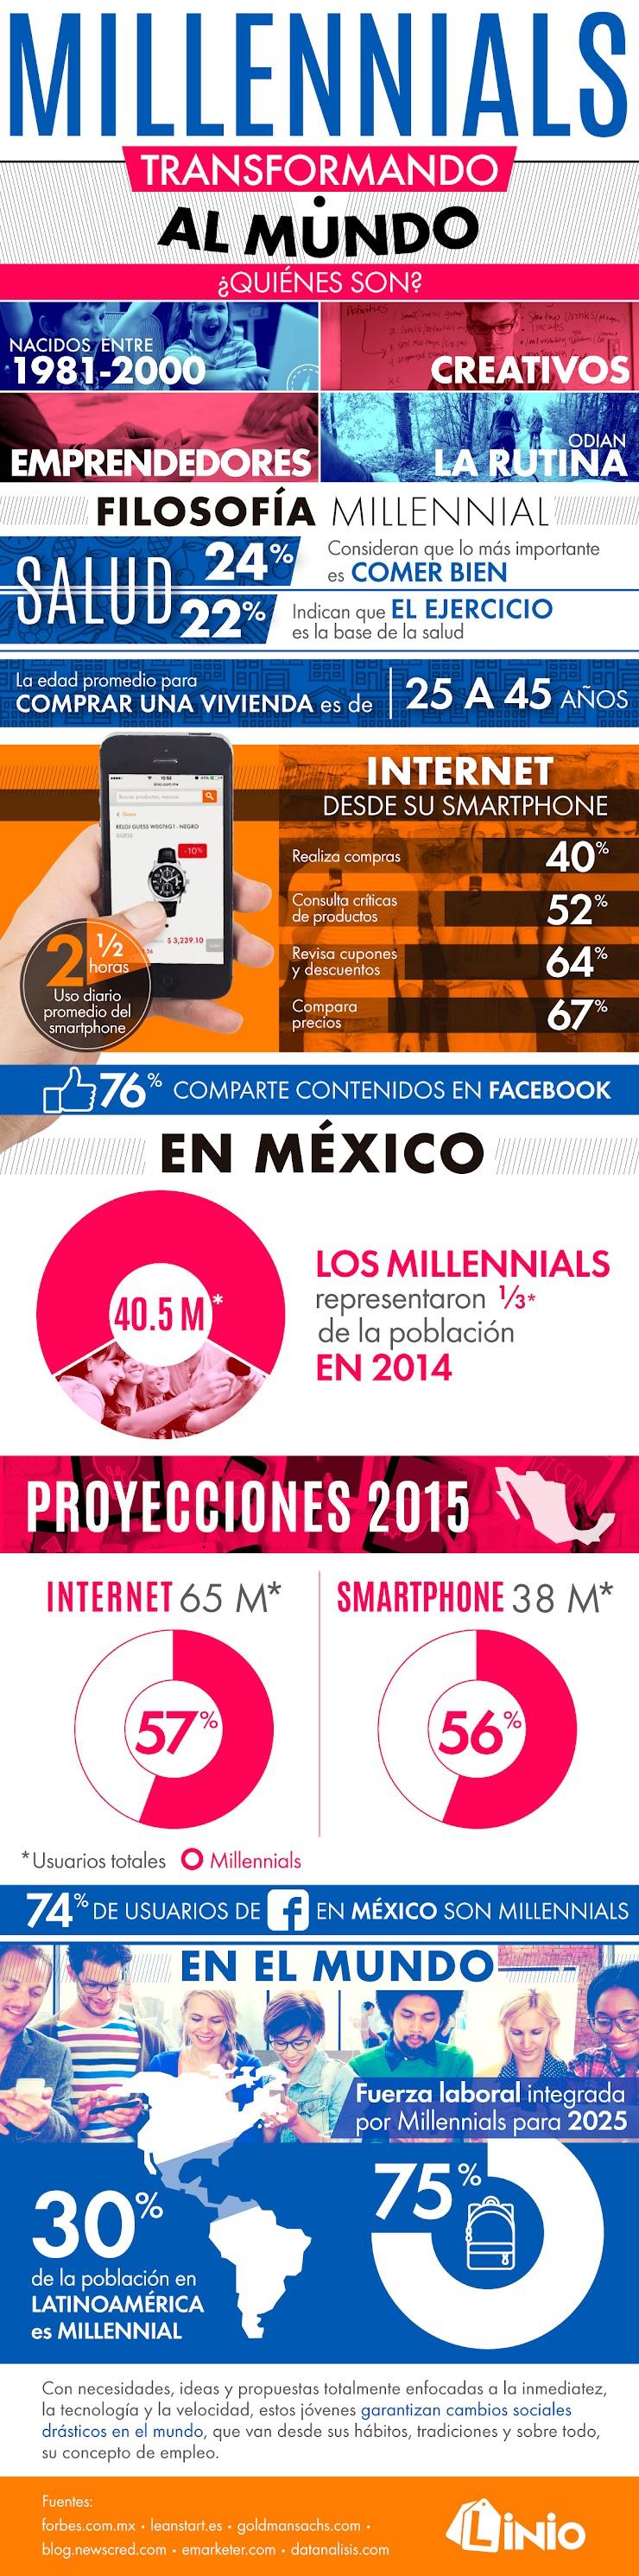 Infografías sobre los Millenials